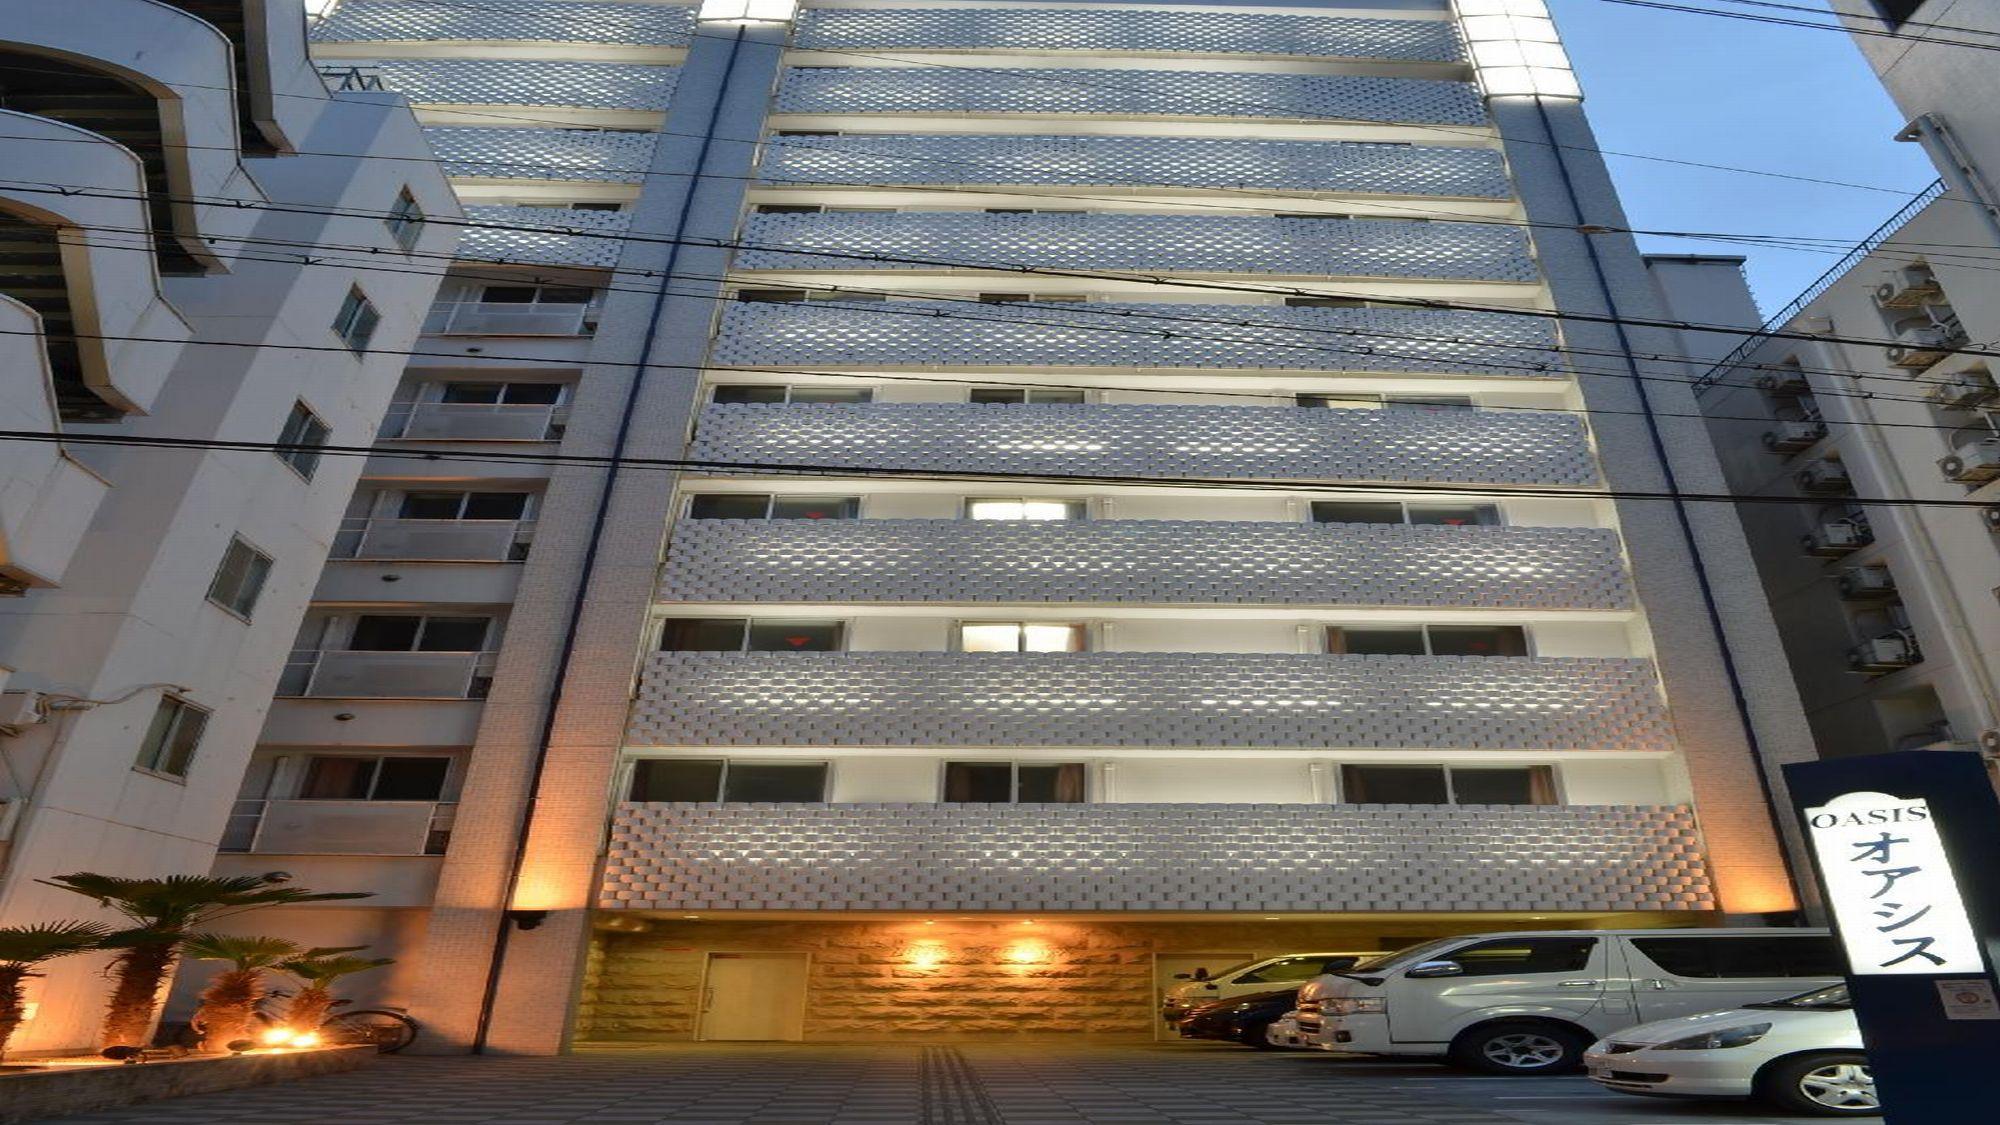 ホテル中央 オアシス image